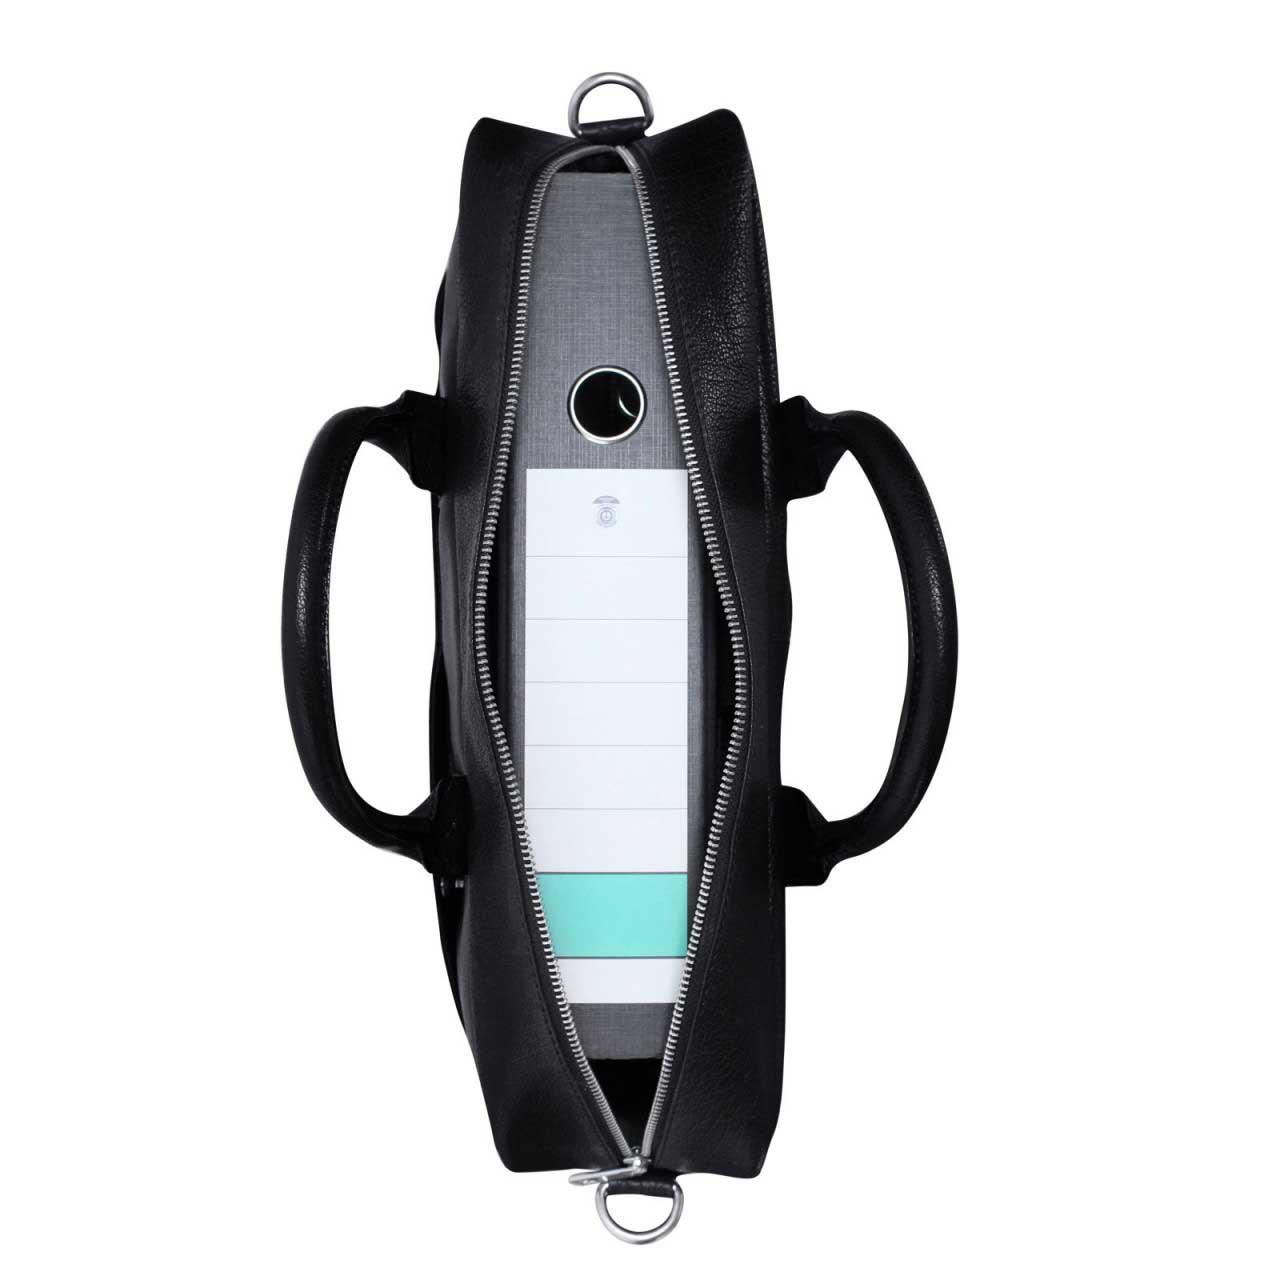 STILORD Umhängetasche Messenger Bag für Akten Ordner Groß 17.3 Zoll Laptop Tablet Tasche aus Leder schwarz  - Bild 6